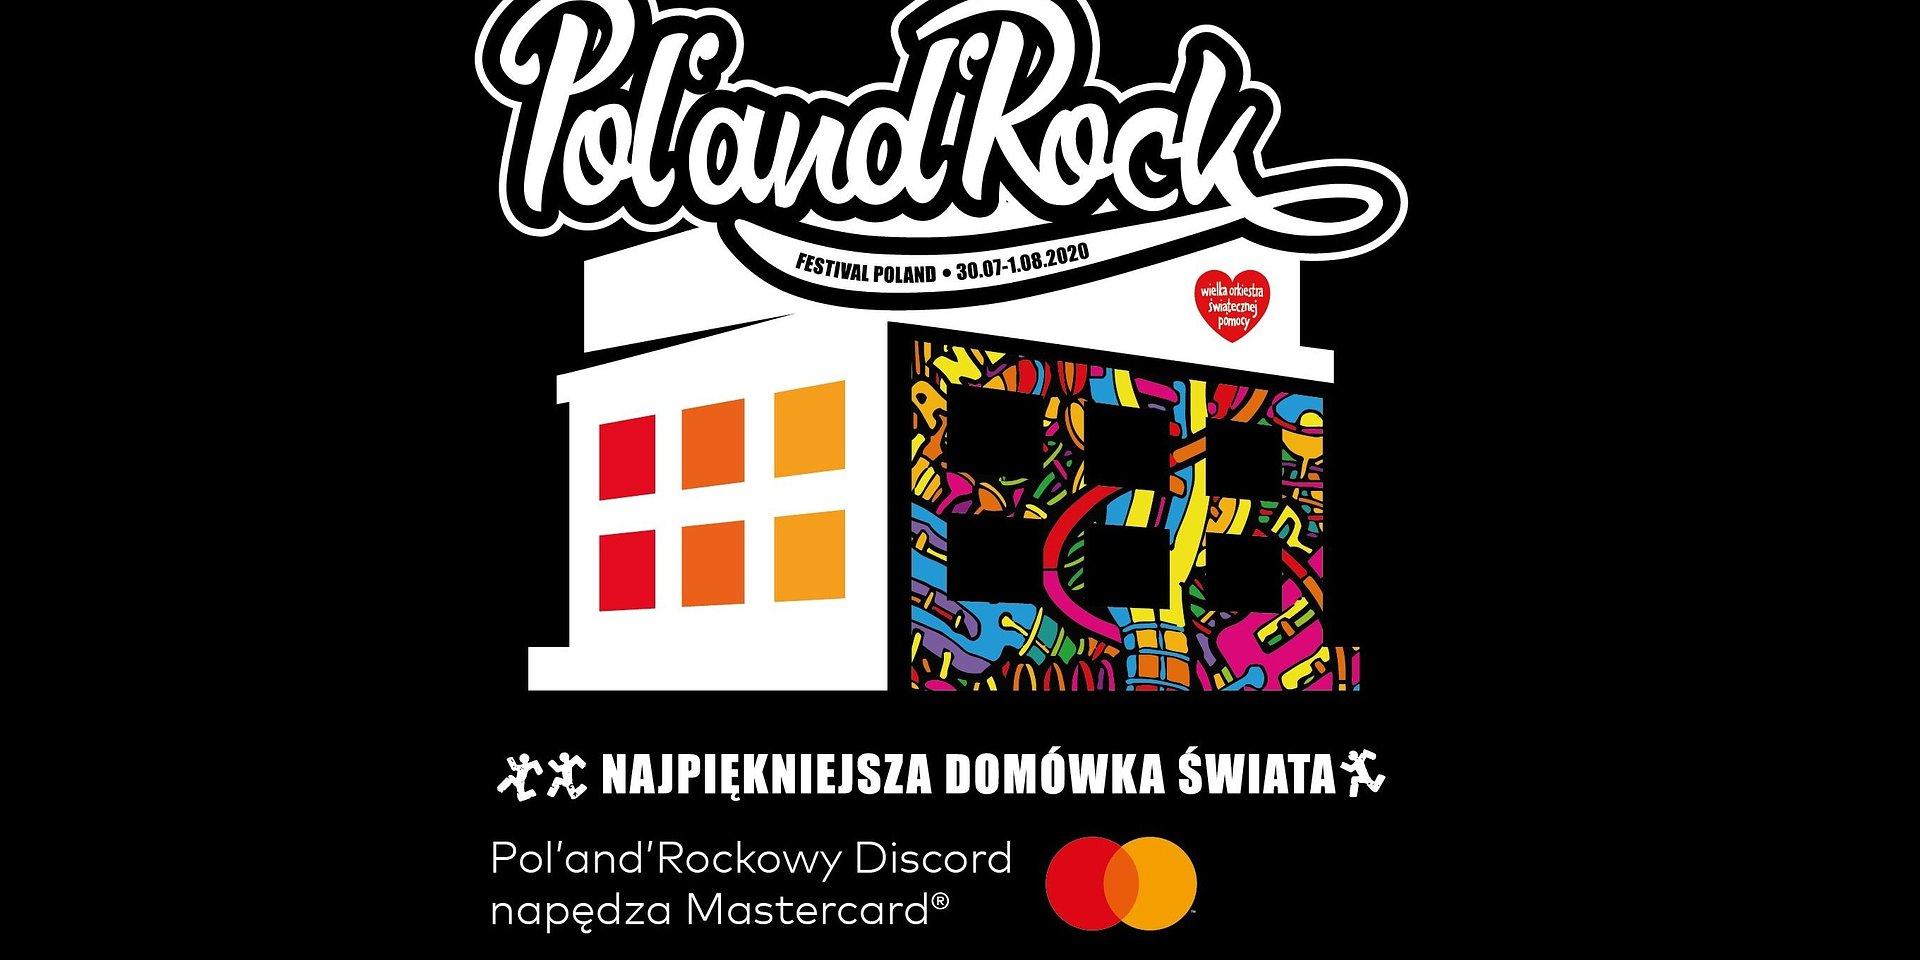 Mastercard na 26. Pol'and'Rock Festival Online - Najpiękniejszej Domówce Świata